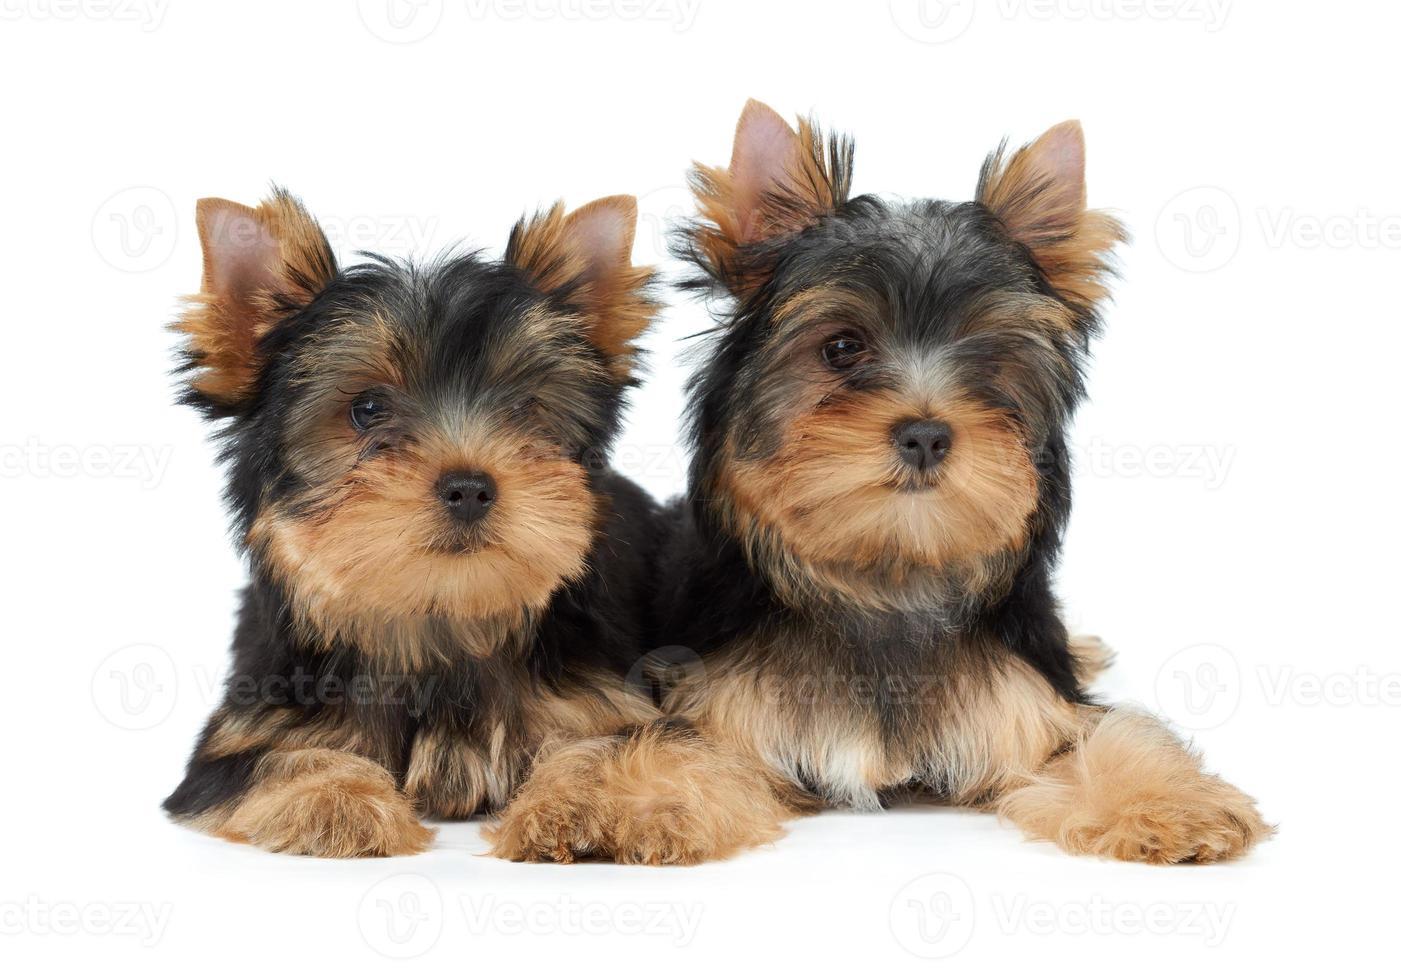 två små husdjur foto